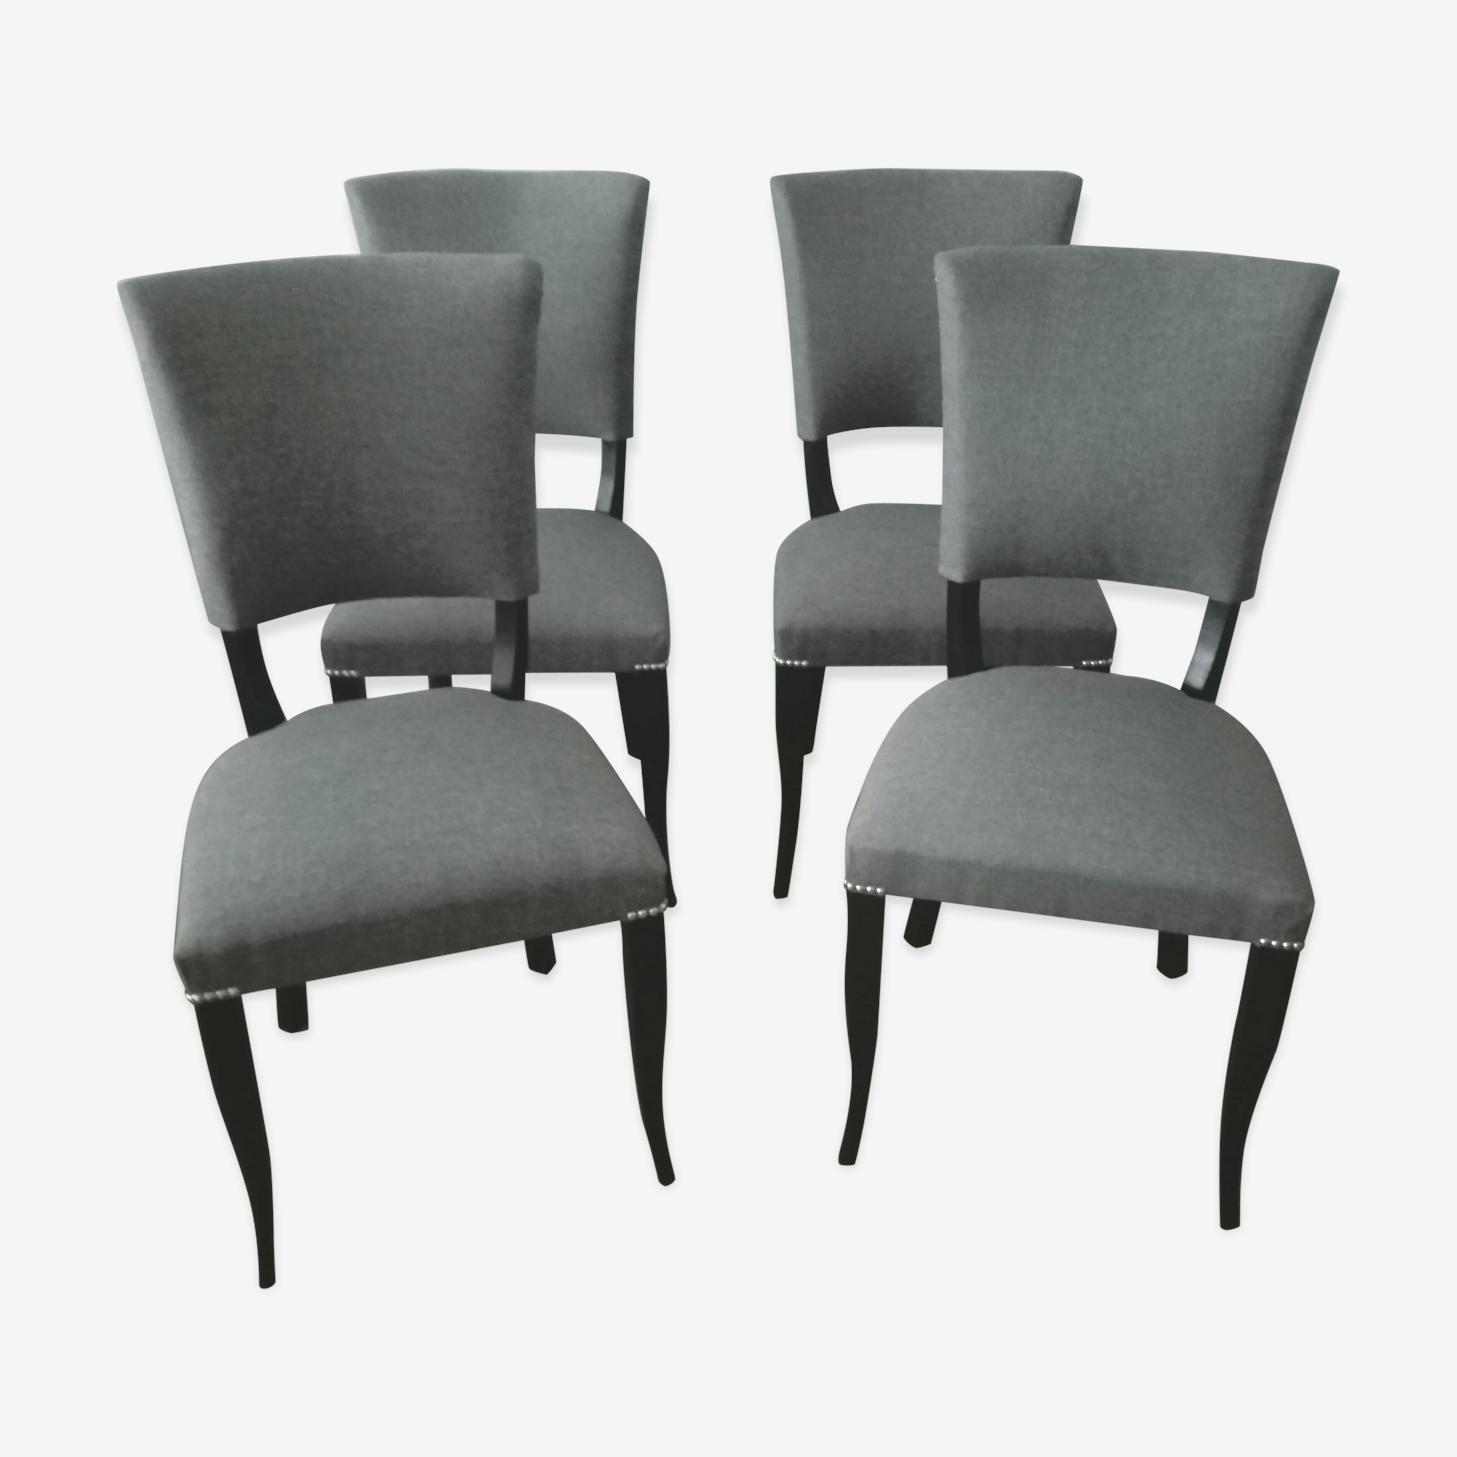 Chairs art deco restored 50 years